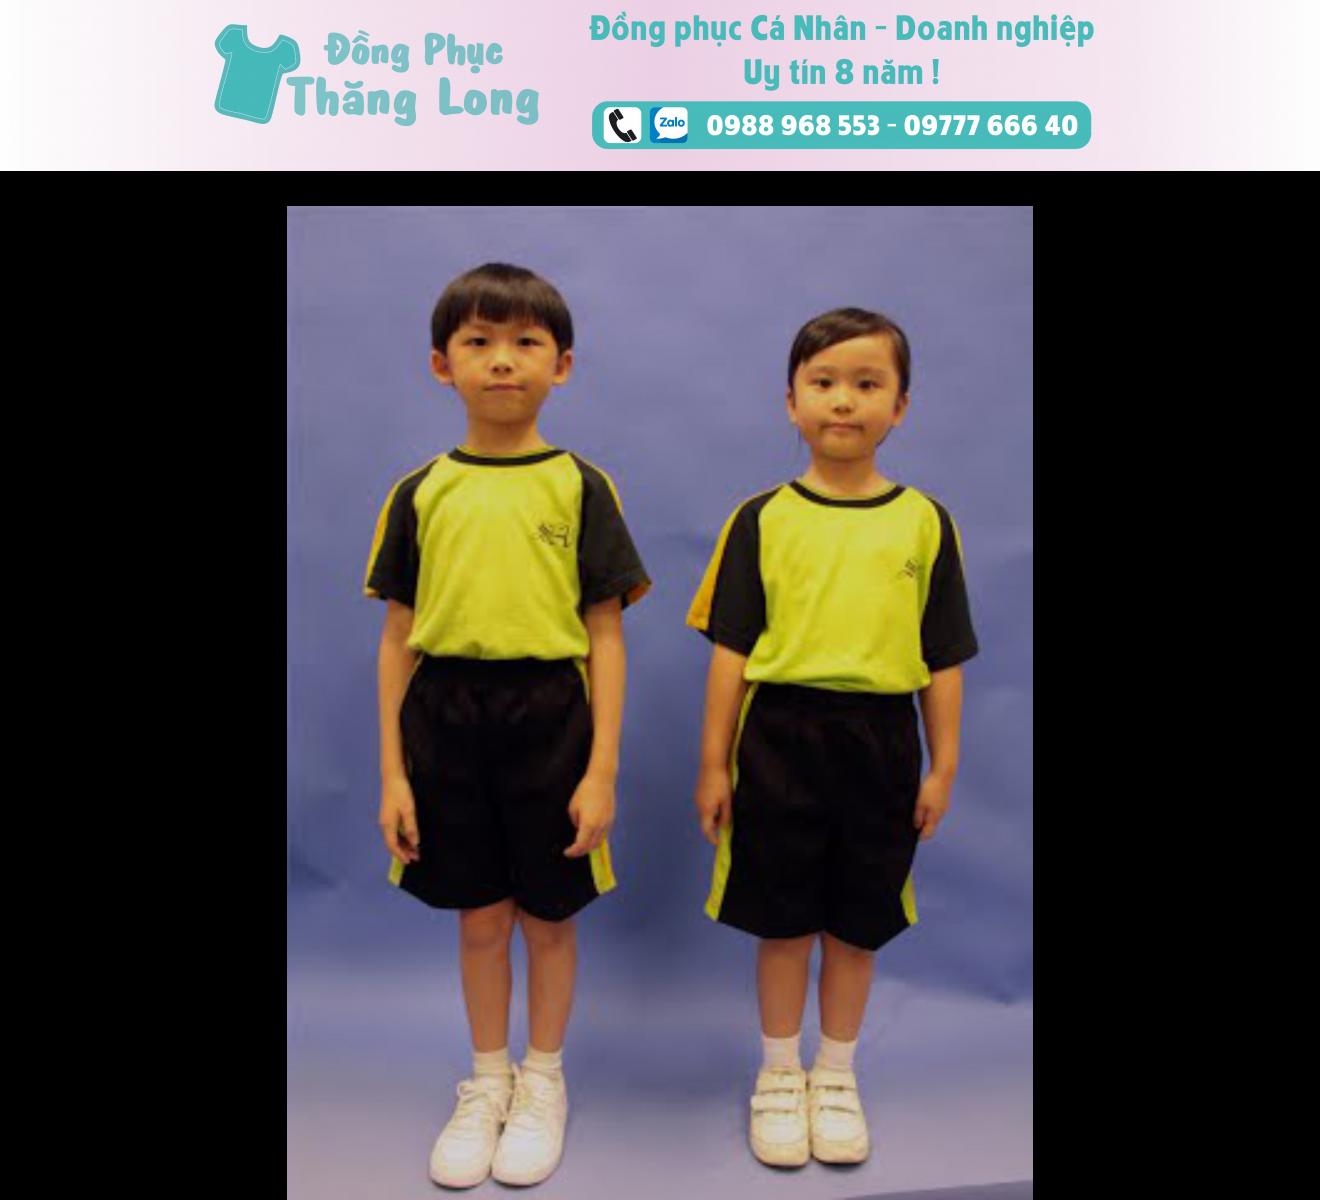 Đồng phục học sinh mẫu 006